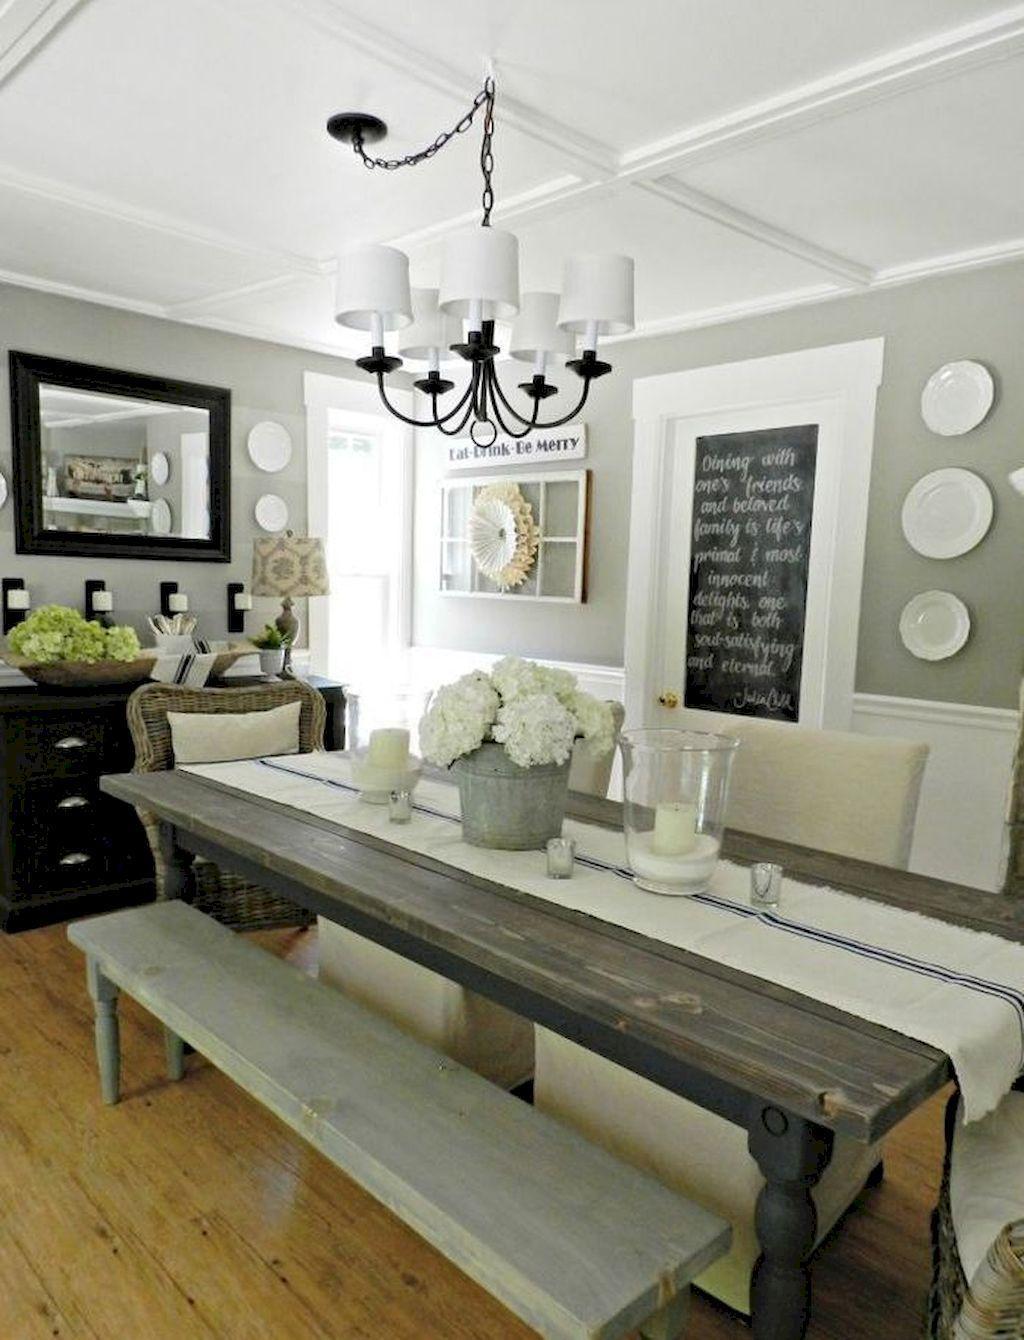 Farmhouse Dining Table Decor Ideas 82 Modern Farmhouse Dining Room Farmhouse Dining Room Table Joanna Gaines Dining Room